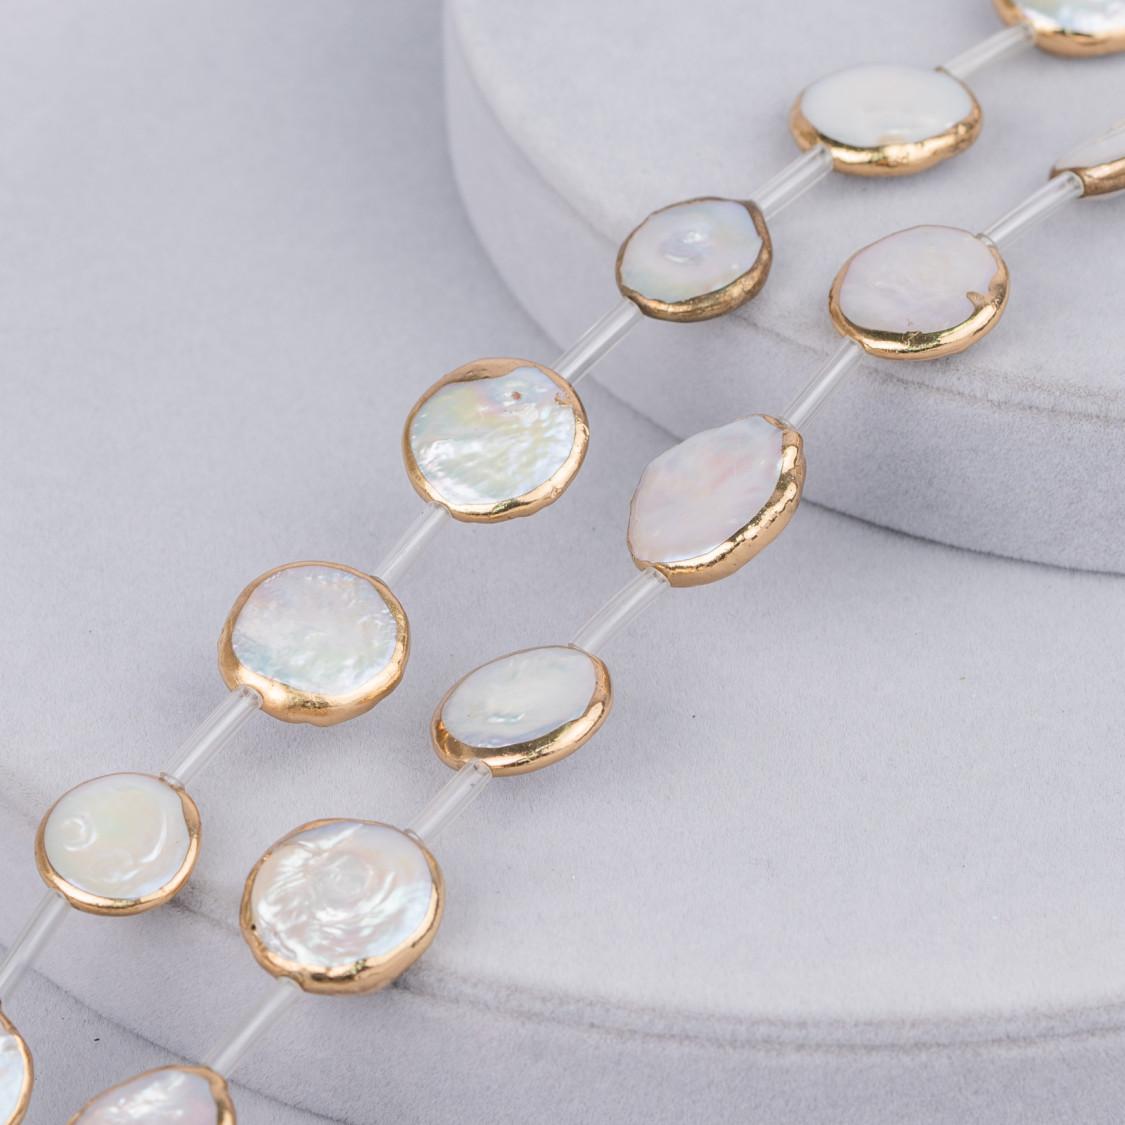 Orecchini Di Argento 925 Con Perle Di Fiume Pietre Dure E Marcasite Strass 14x55mm